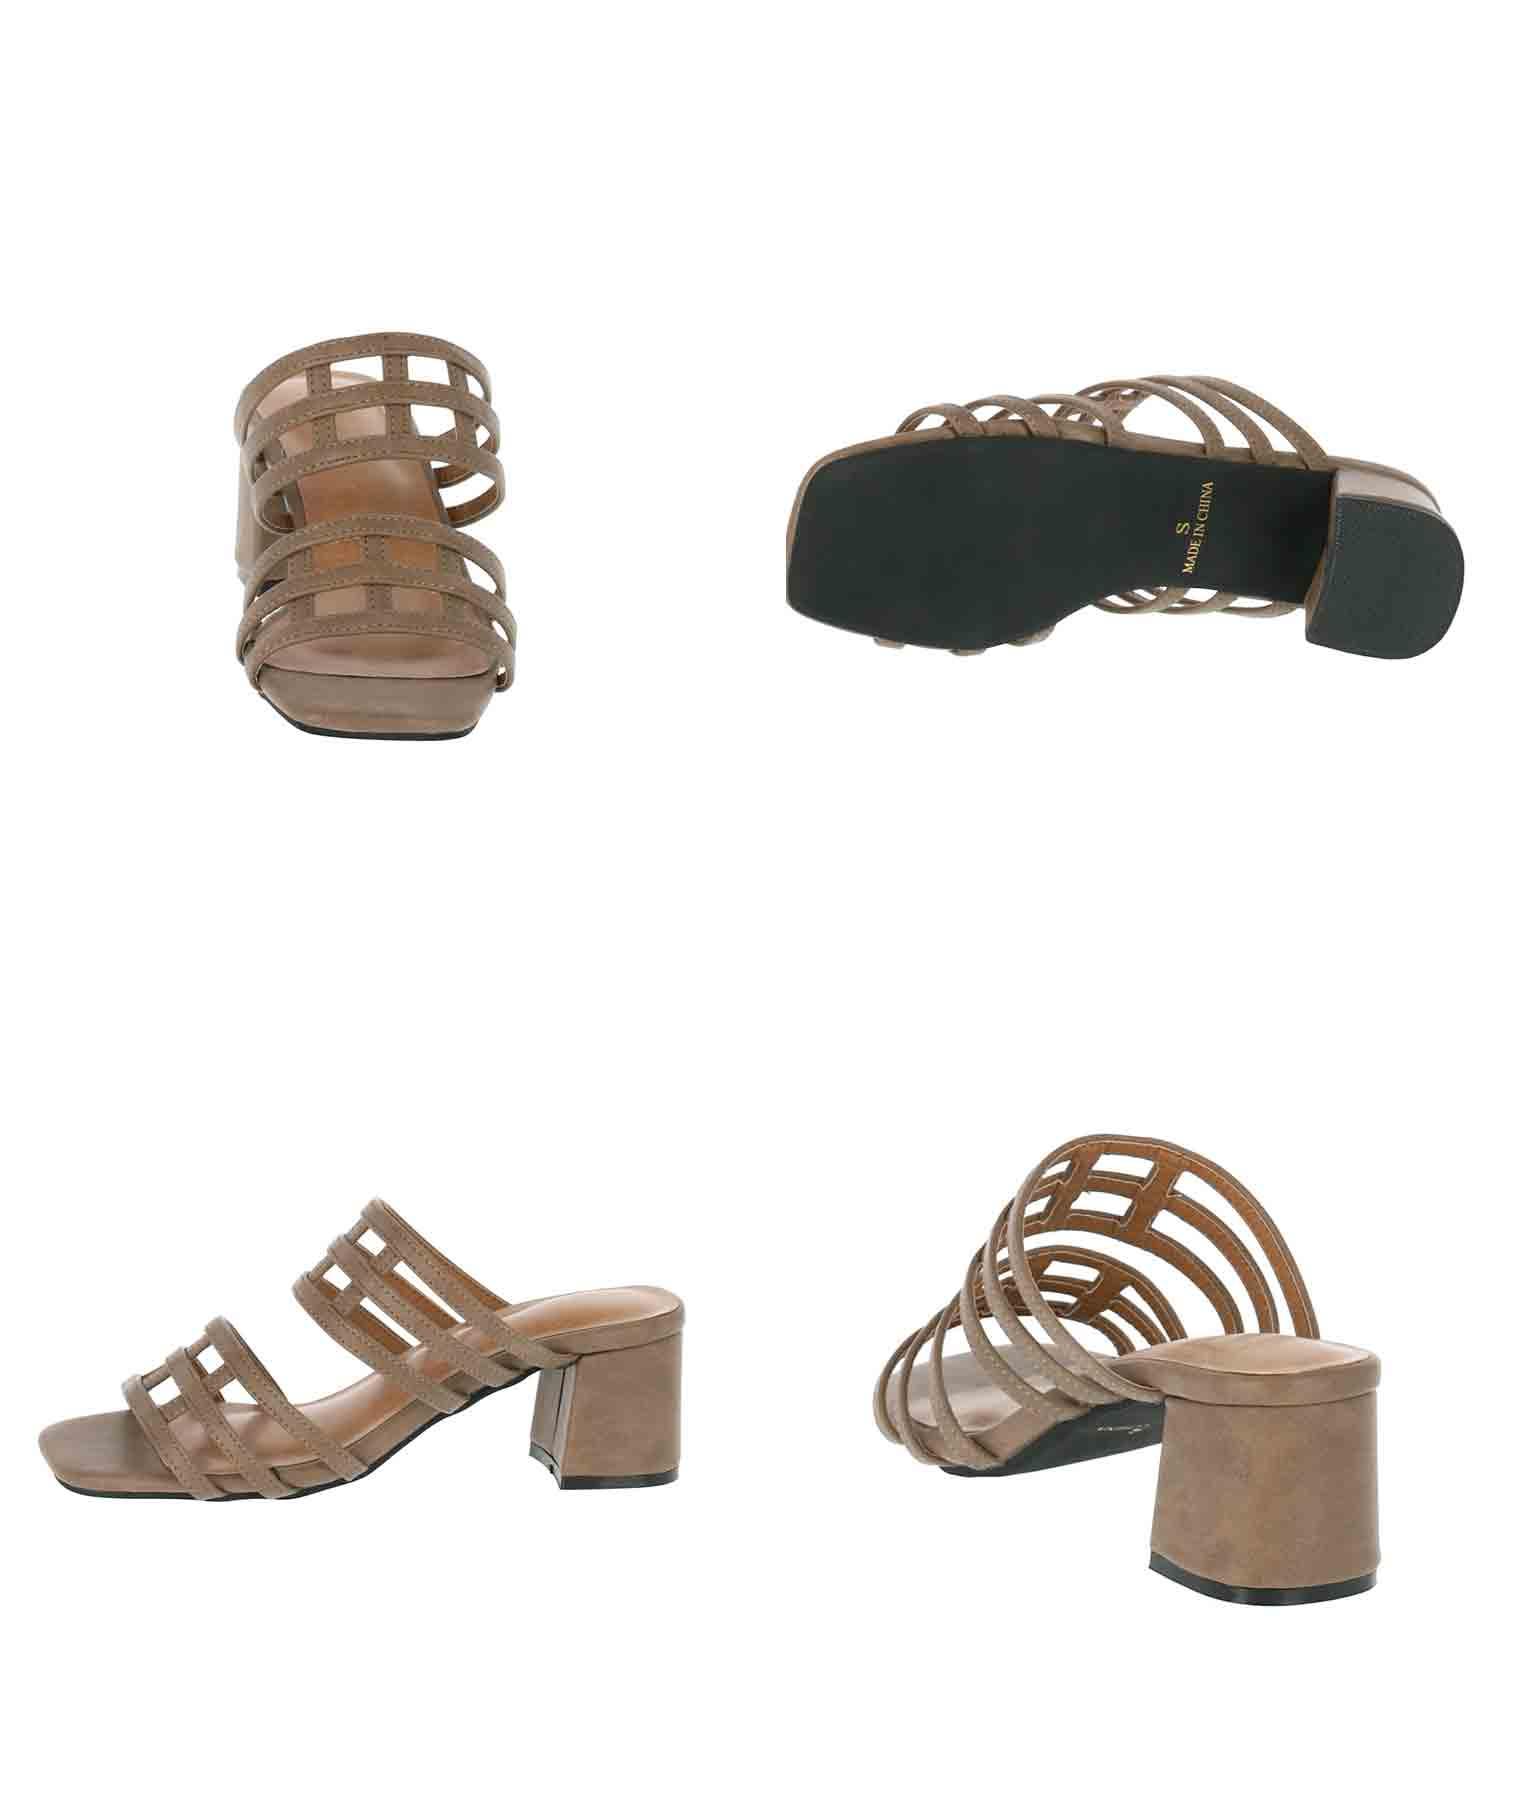 デザイン編みサンダル(シューズ・靴/サンダル)   CHILLE